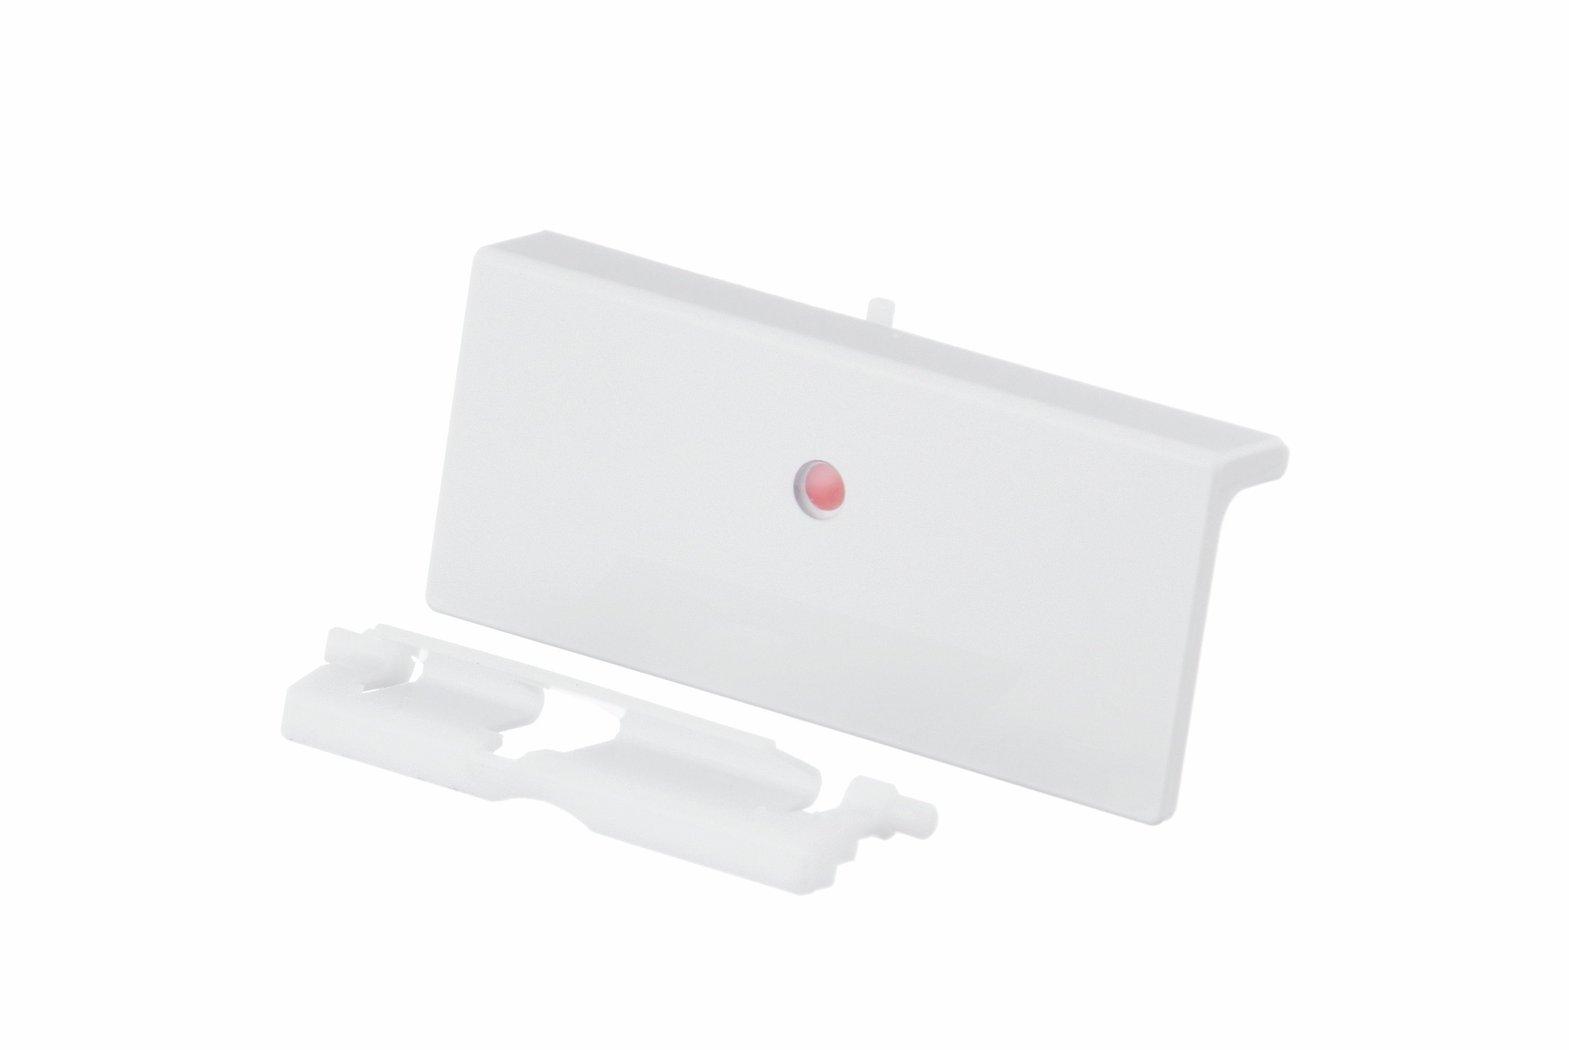 Aeg Santo Kühlschrank Mit Gefrierfach : Verschluss gefrierfachklappe kühlschrank aeg santo